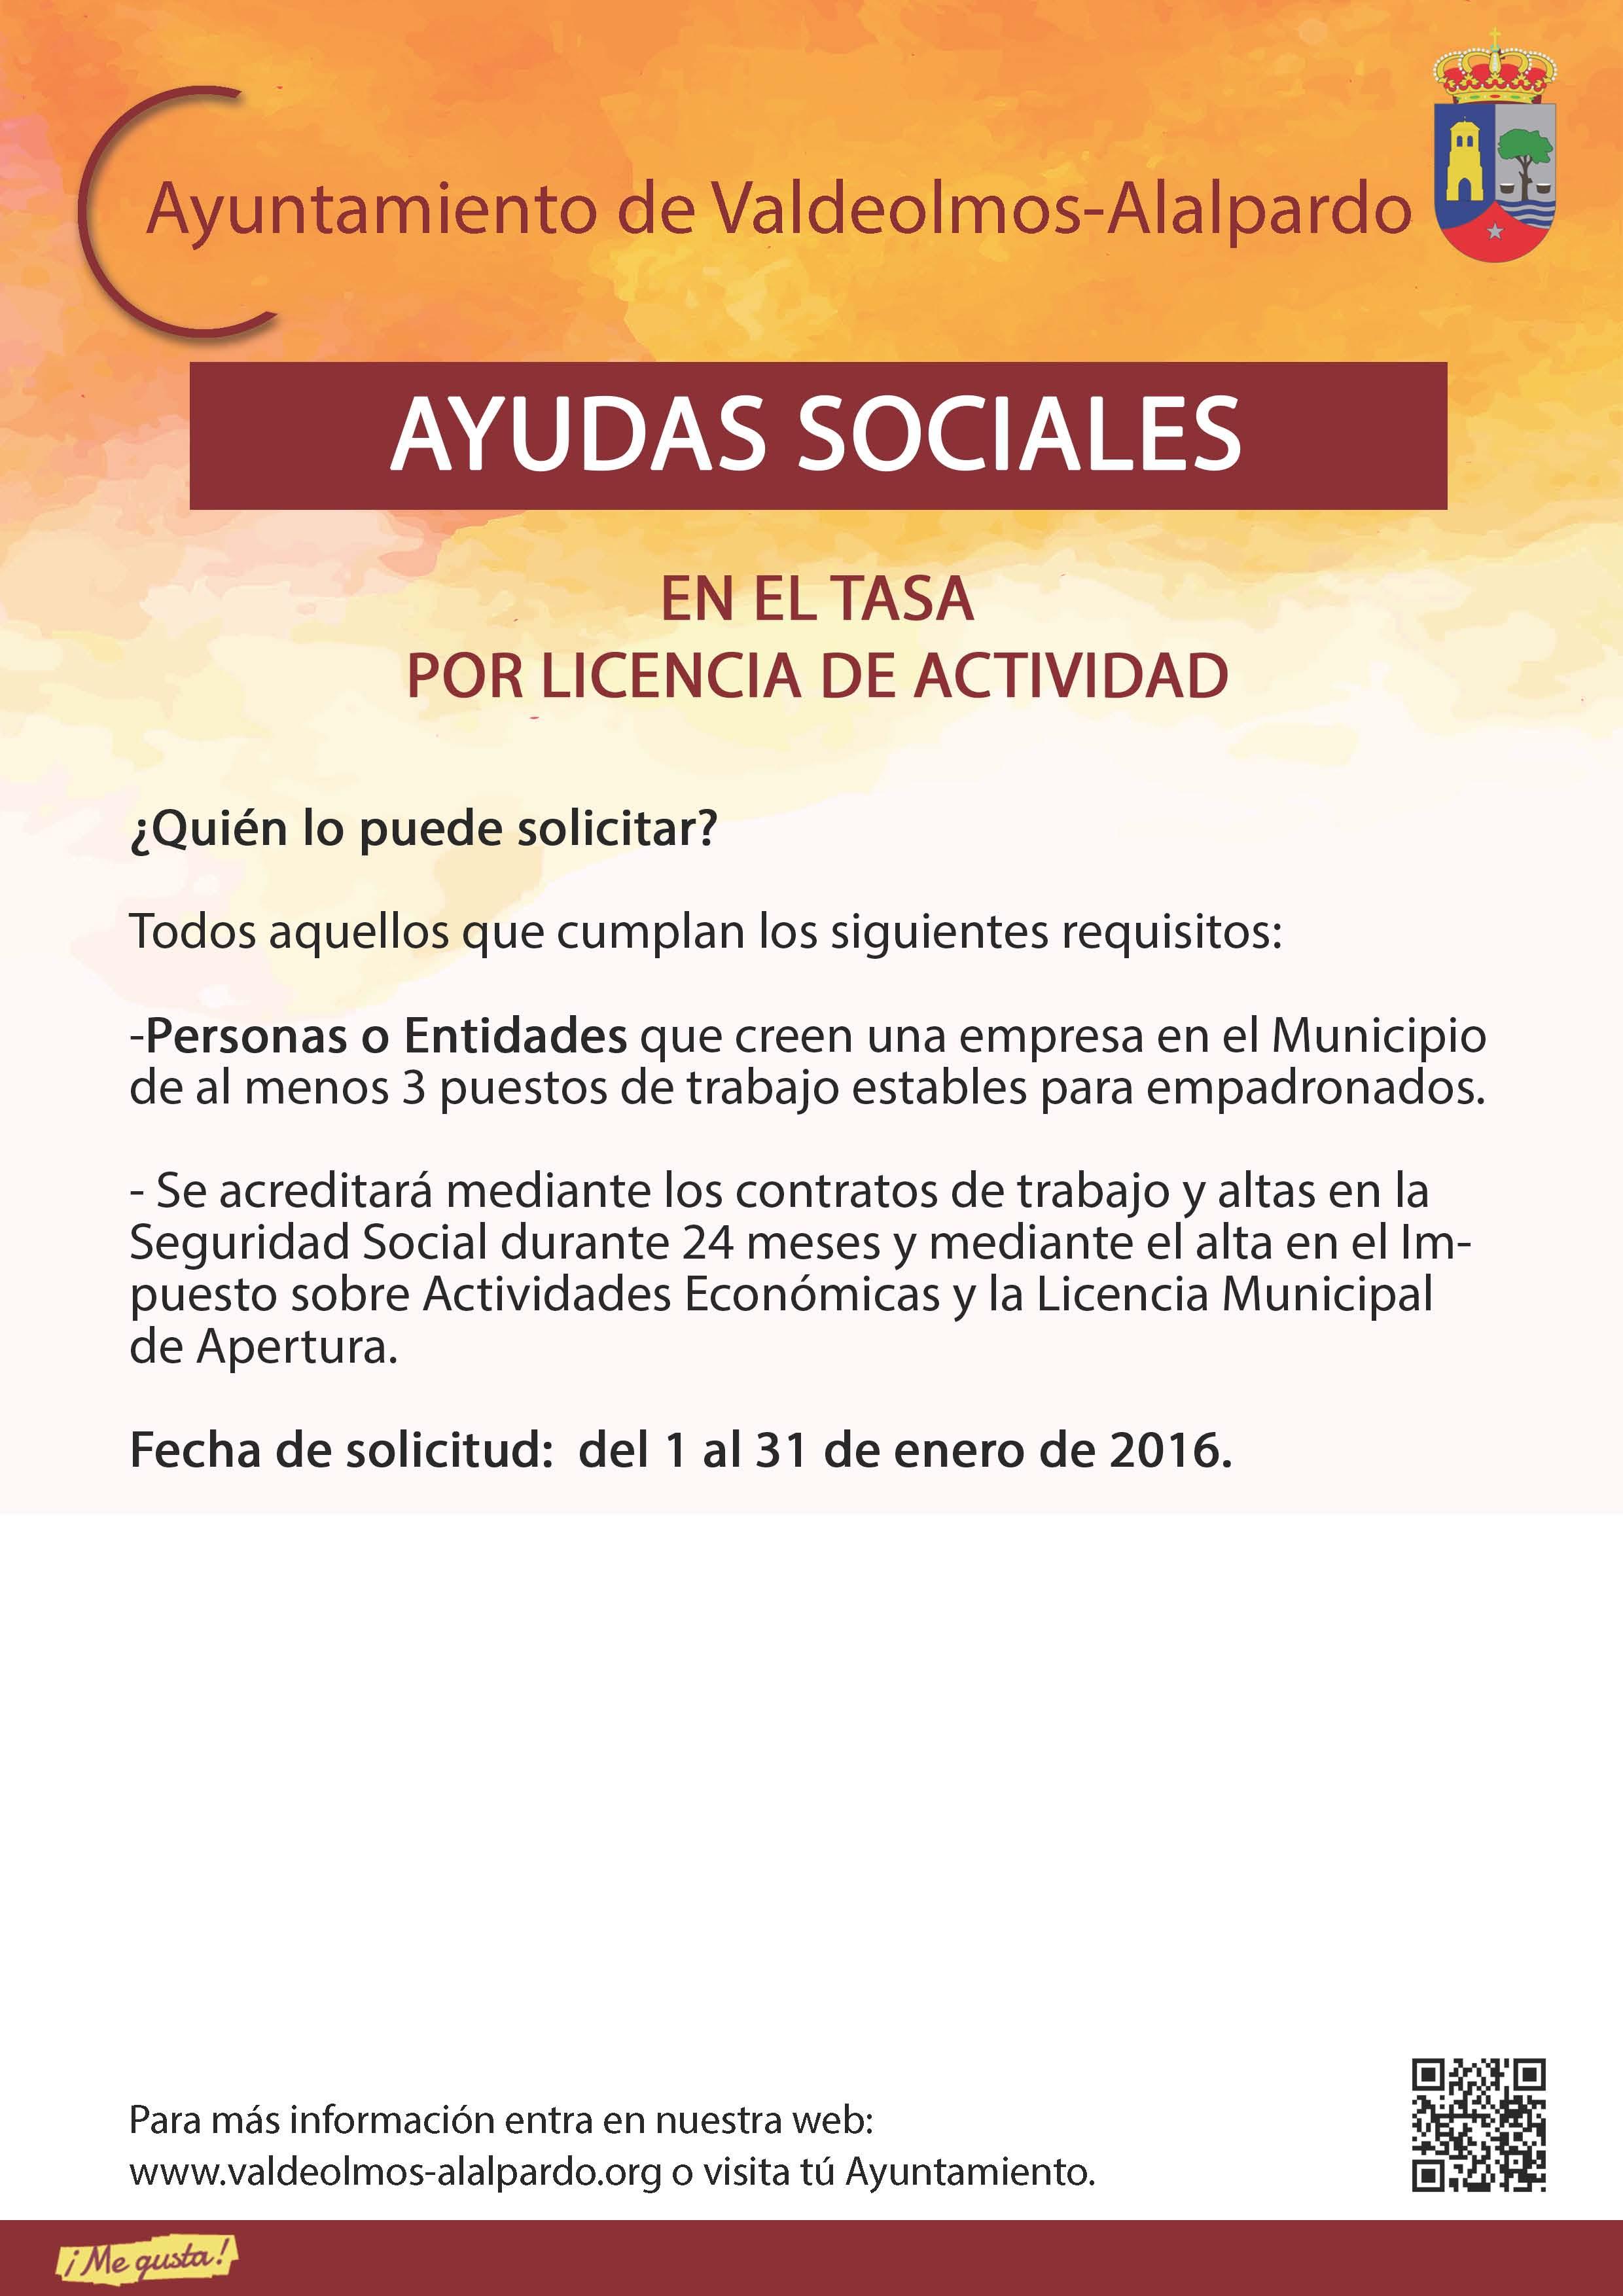 Plantilla AYUDAS SOCIALES TASA POR LICENCIA DE ACTIVIDAD